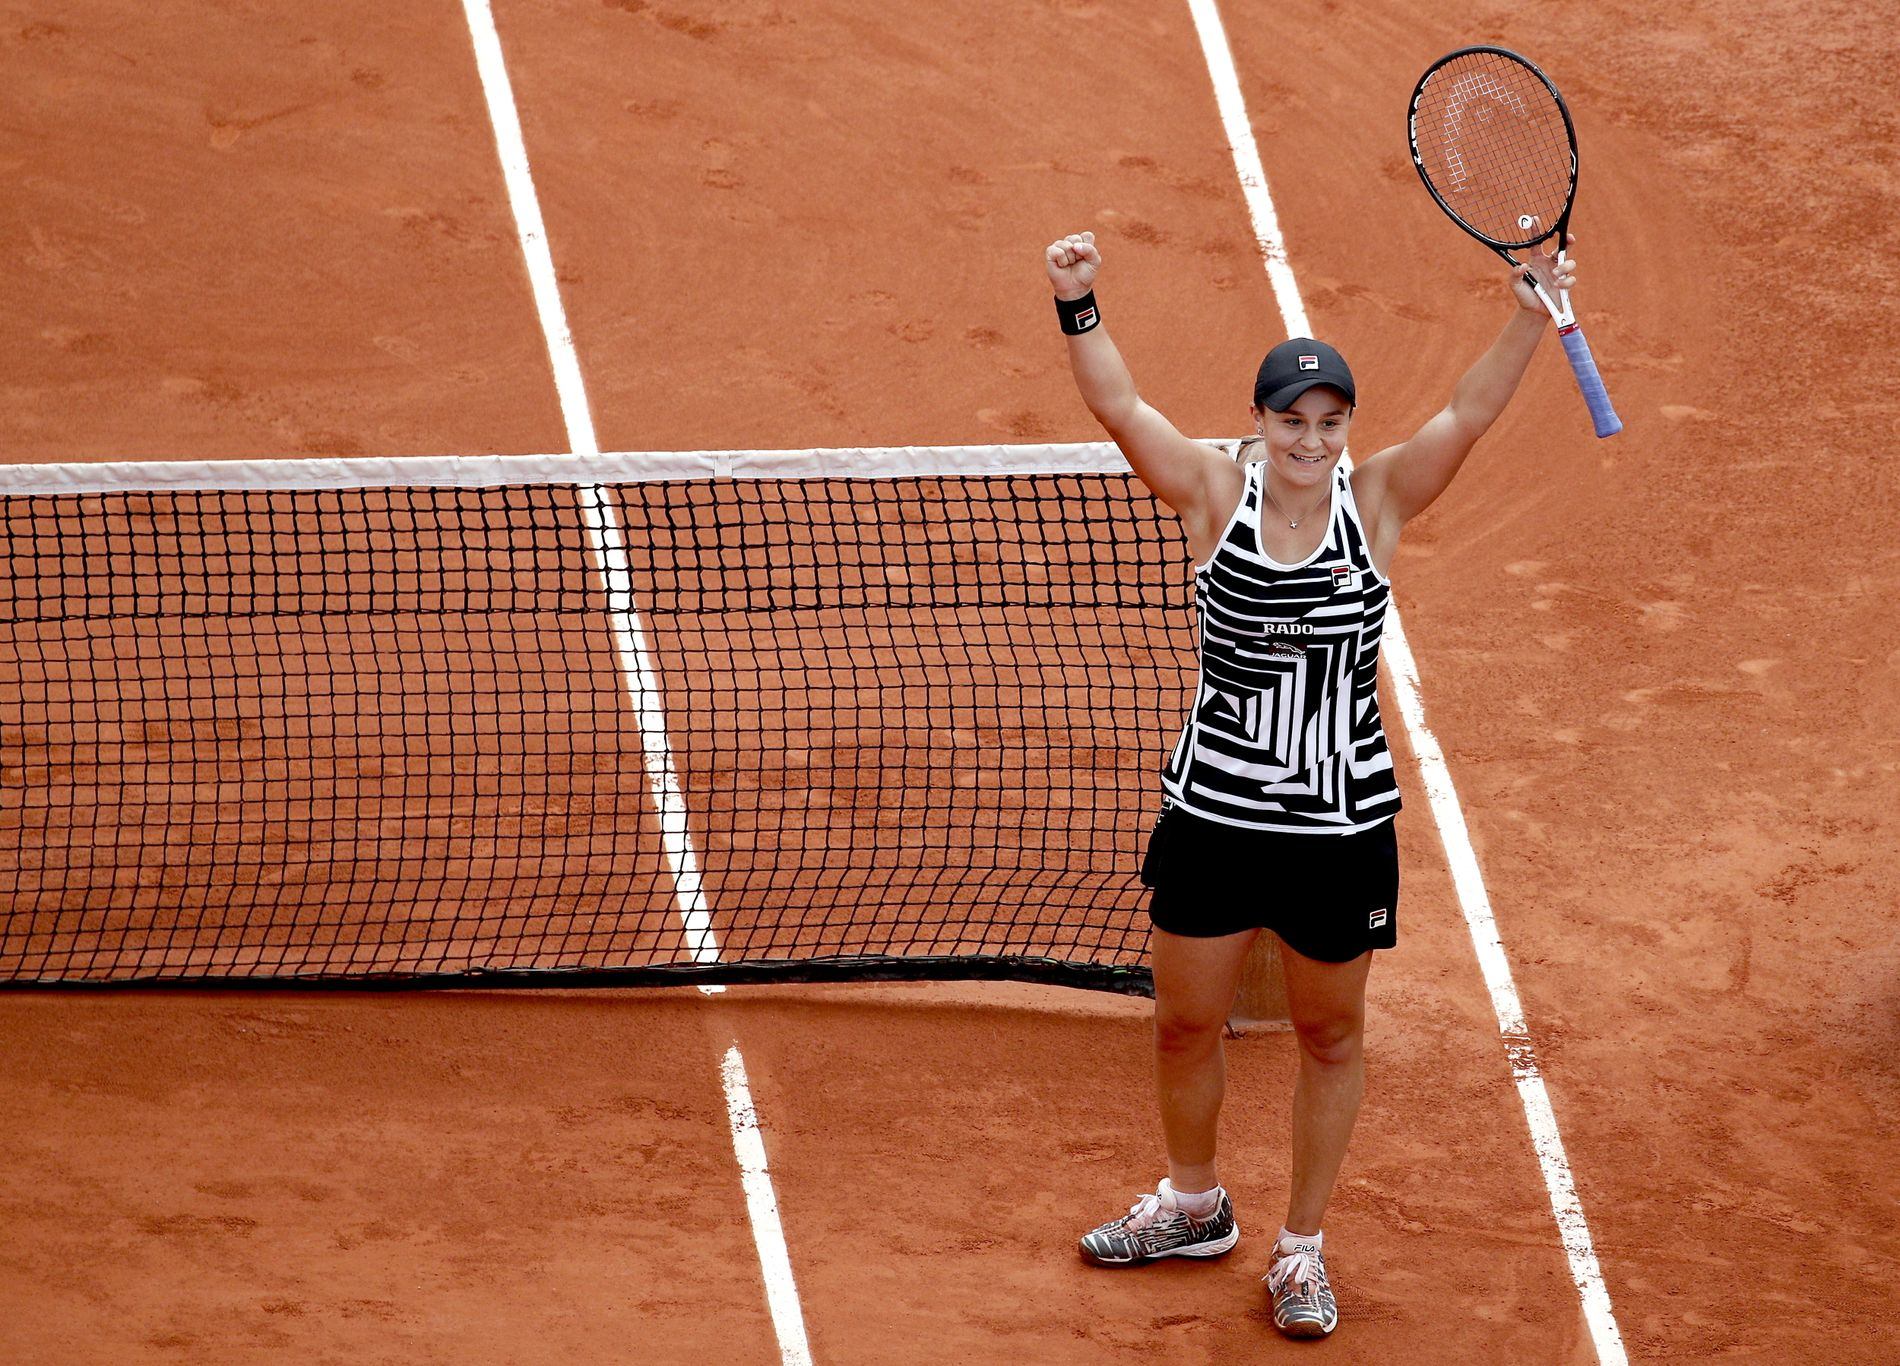 HURRA: Ashleigh Barty vant kjapt og enkelt French Open lørdag ettermiddag. Hun beseiret Marketa Vondrousova.